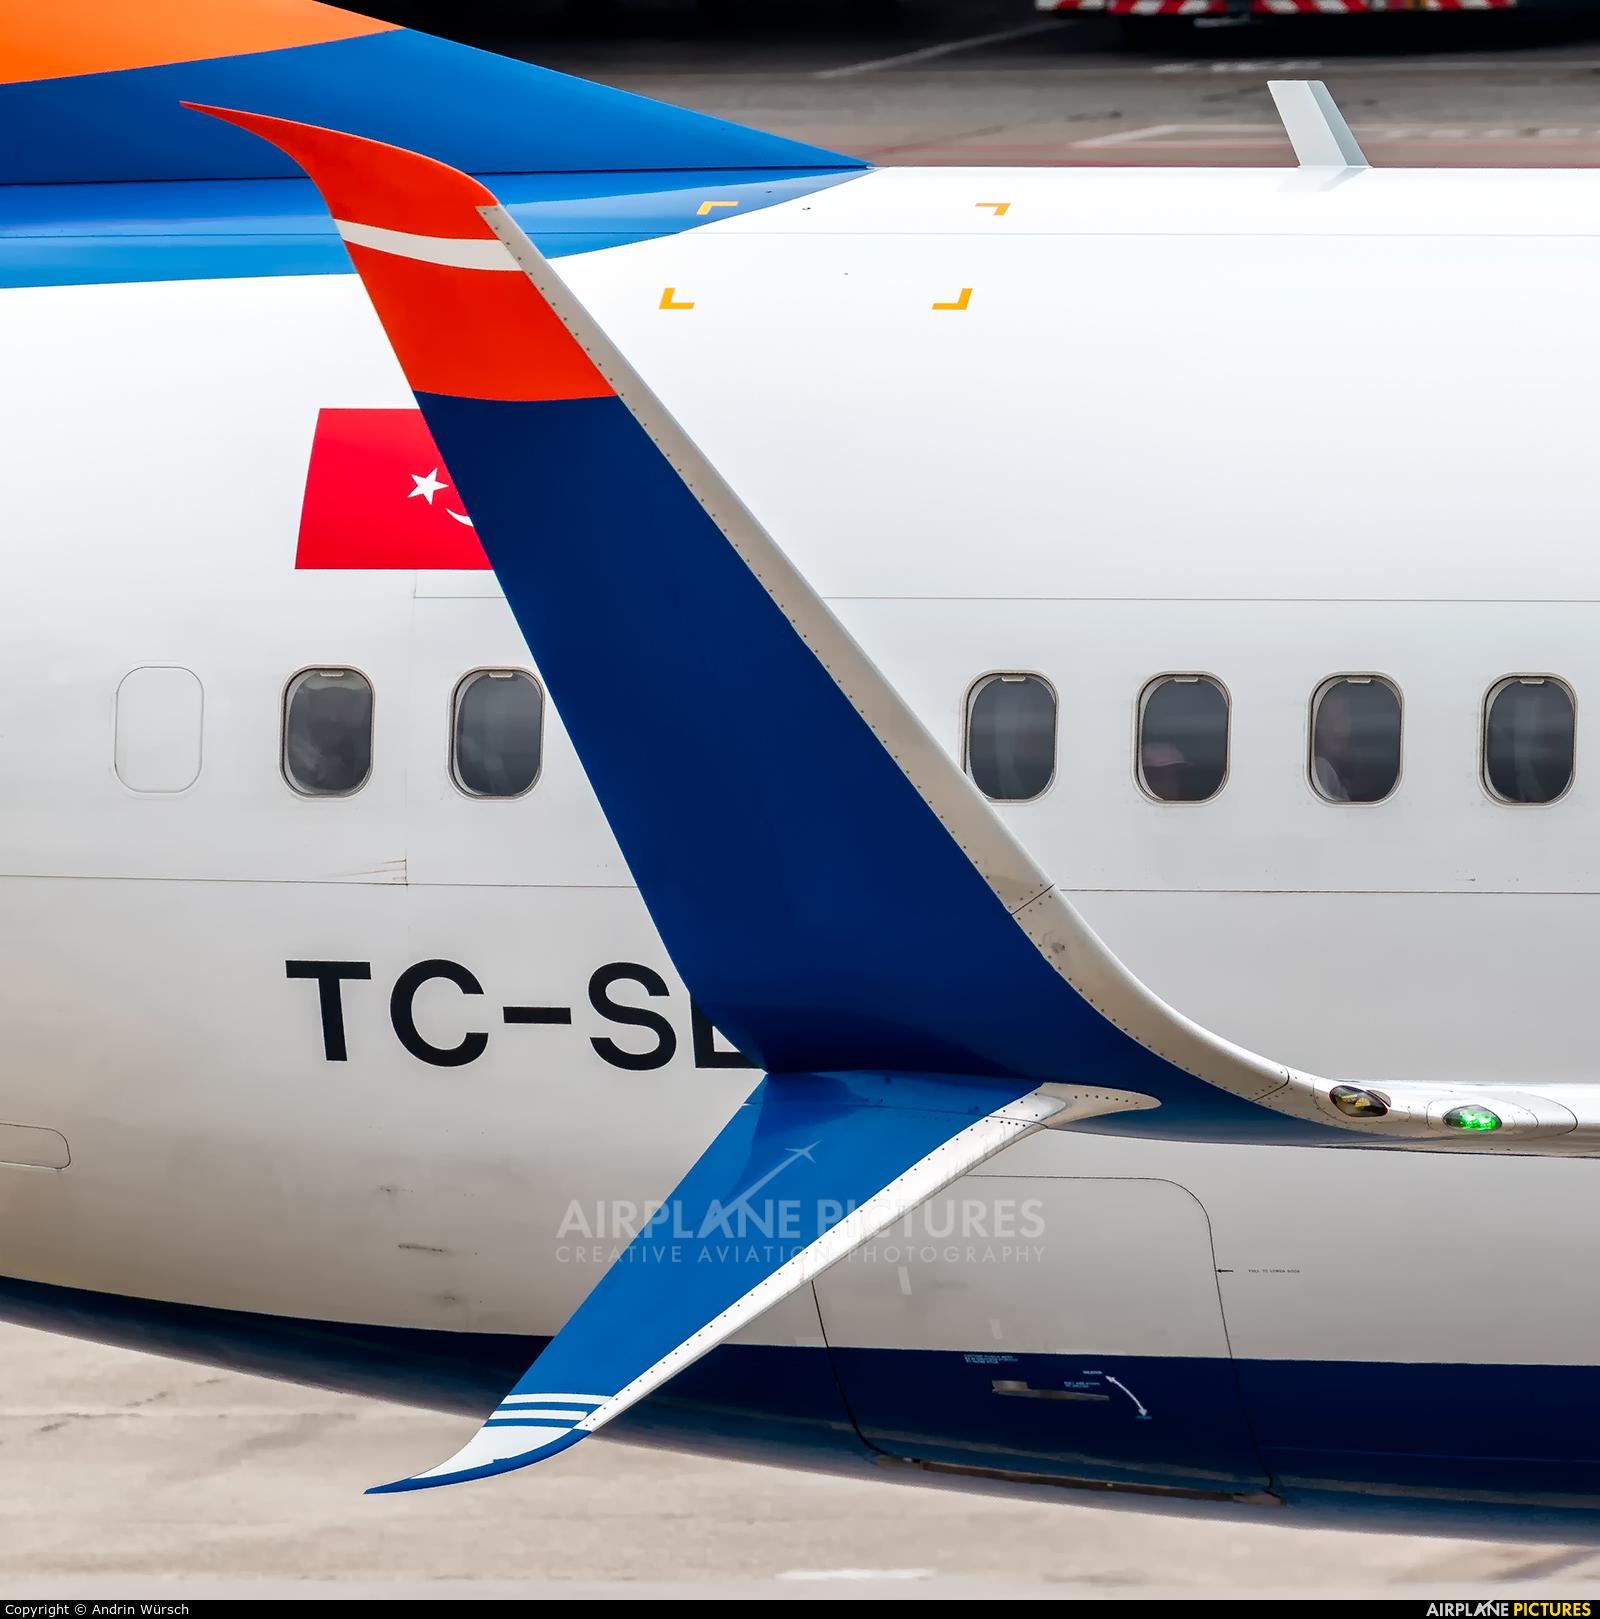 SunExpress TC-SEJ aircraft at Zurich